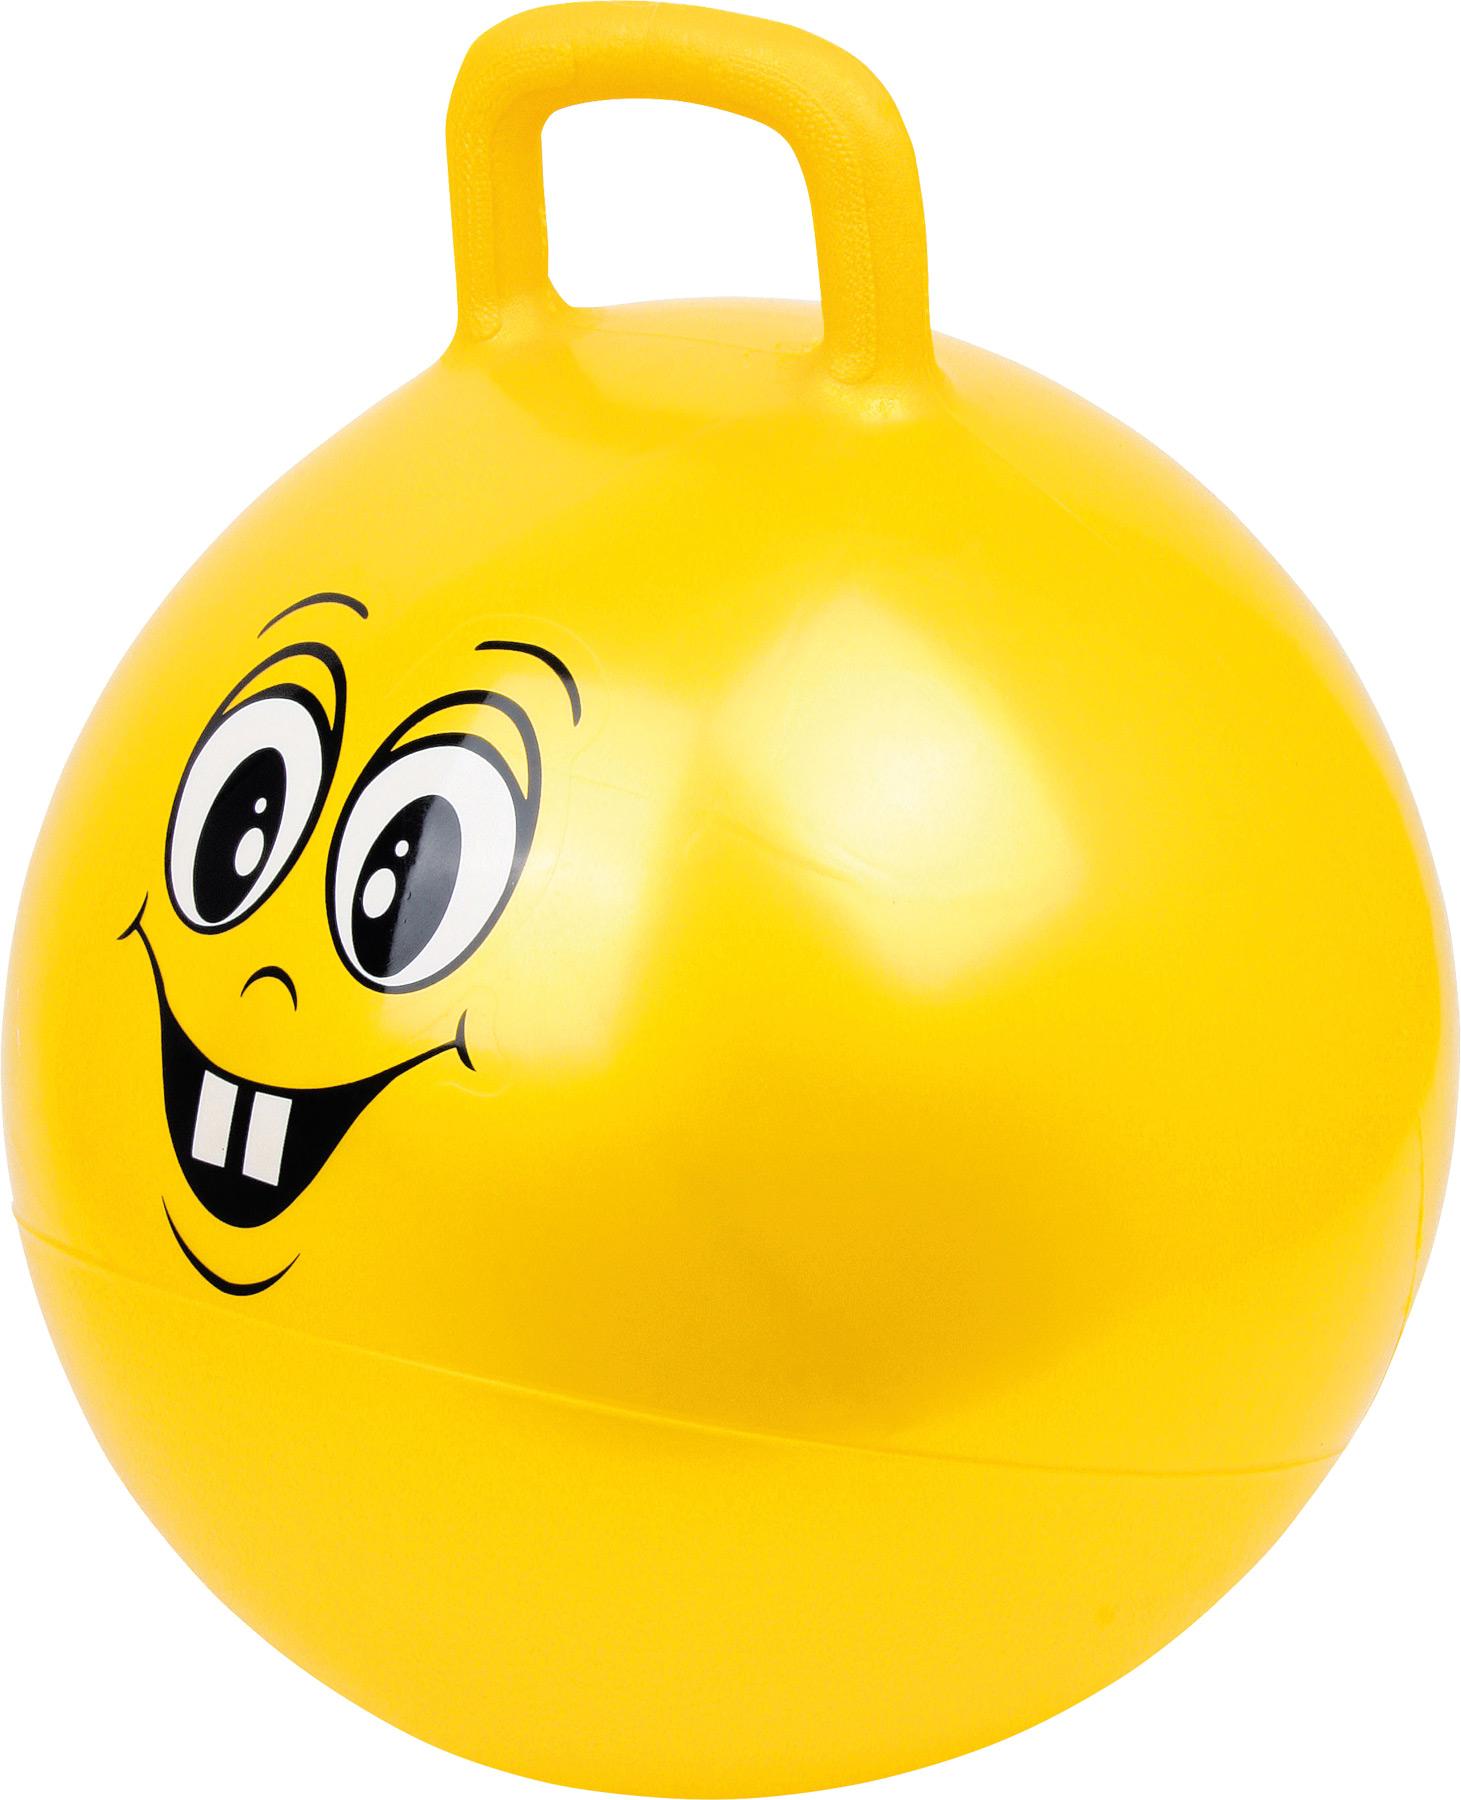 Jeux et Jouets Legler 2020 - Ballon sauteur avec poignet